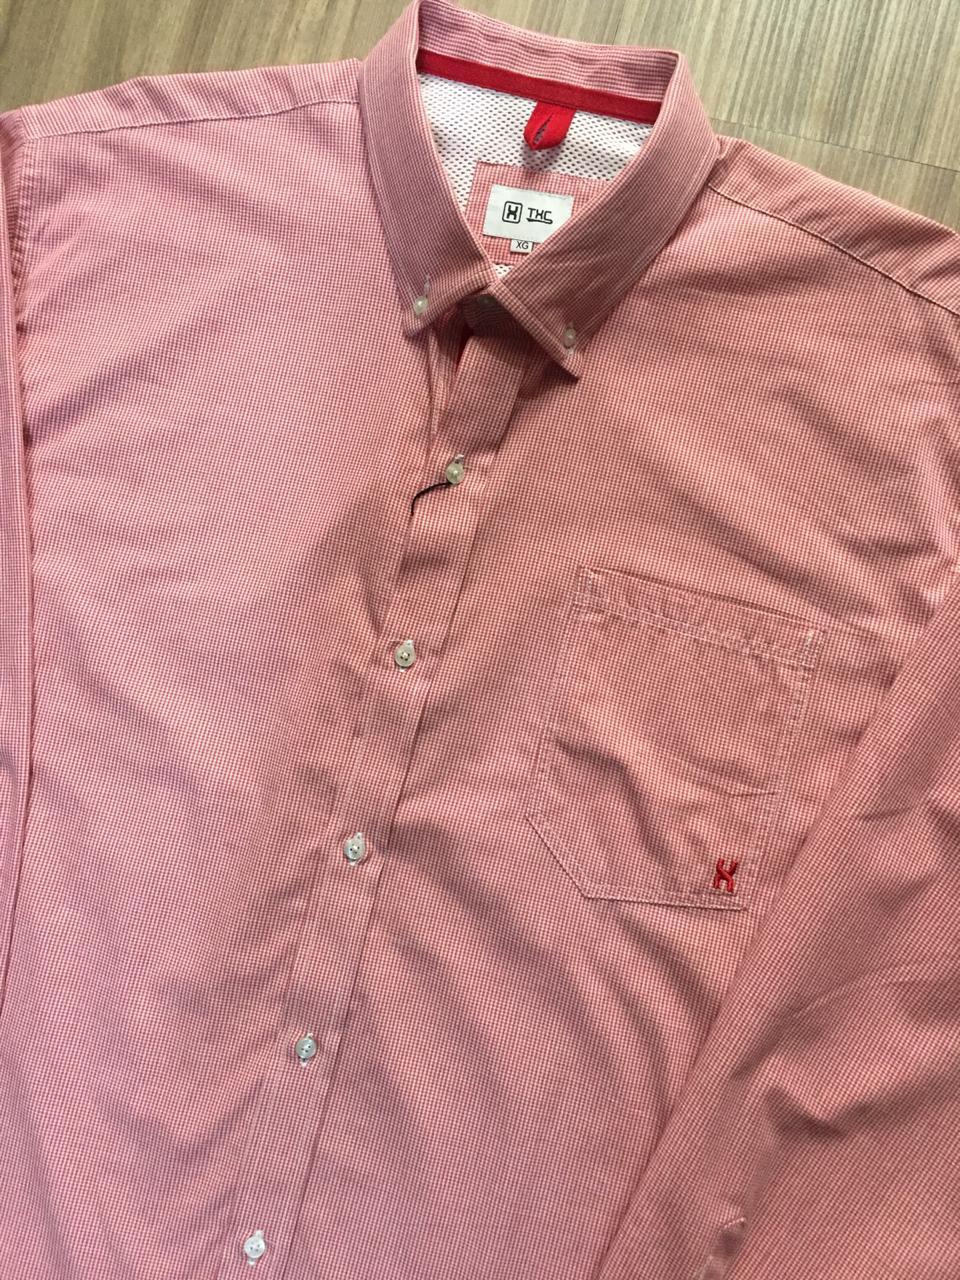 Camisa Manga Longa TXC 10039915